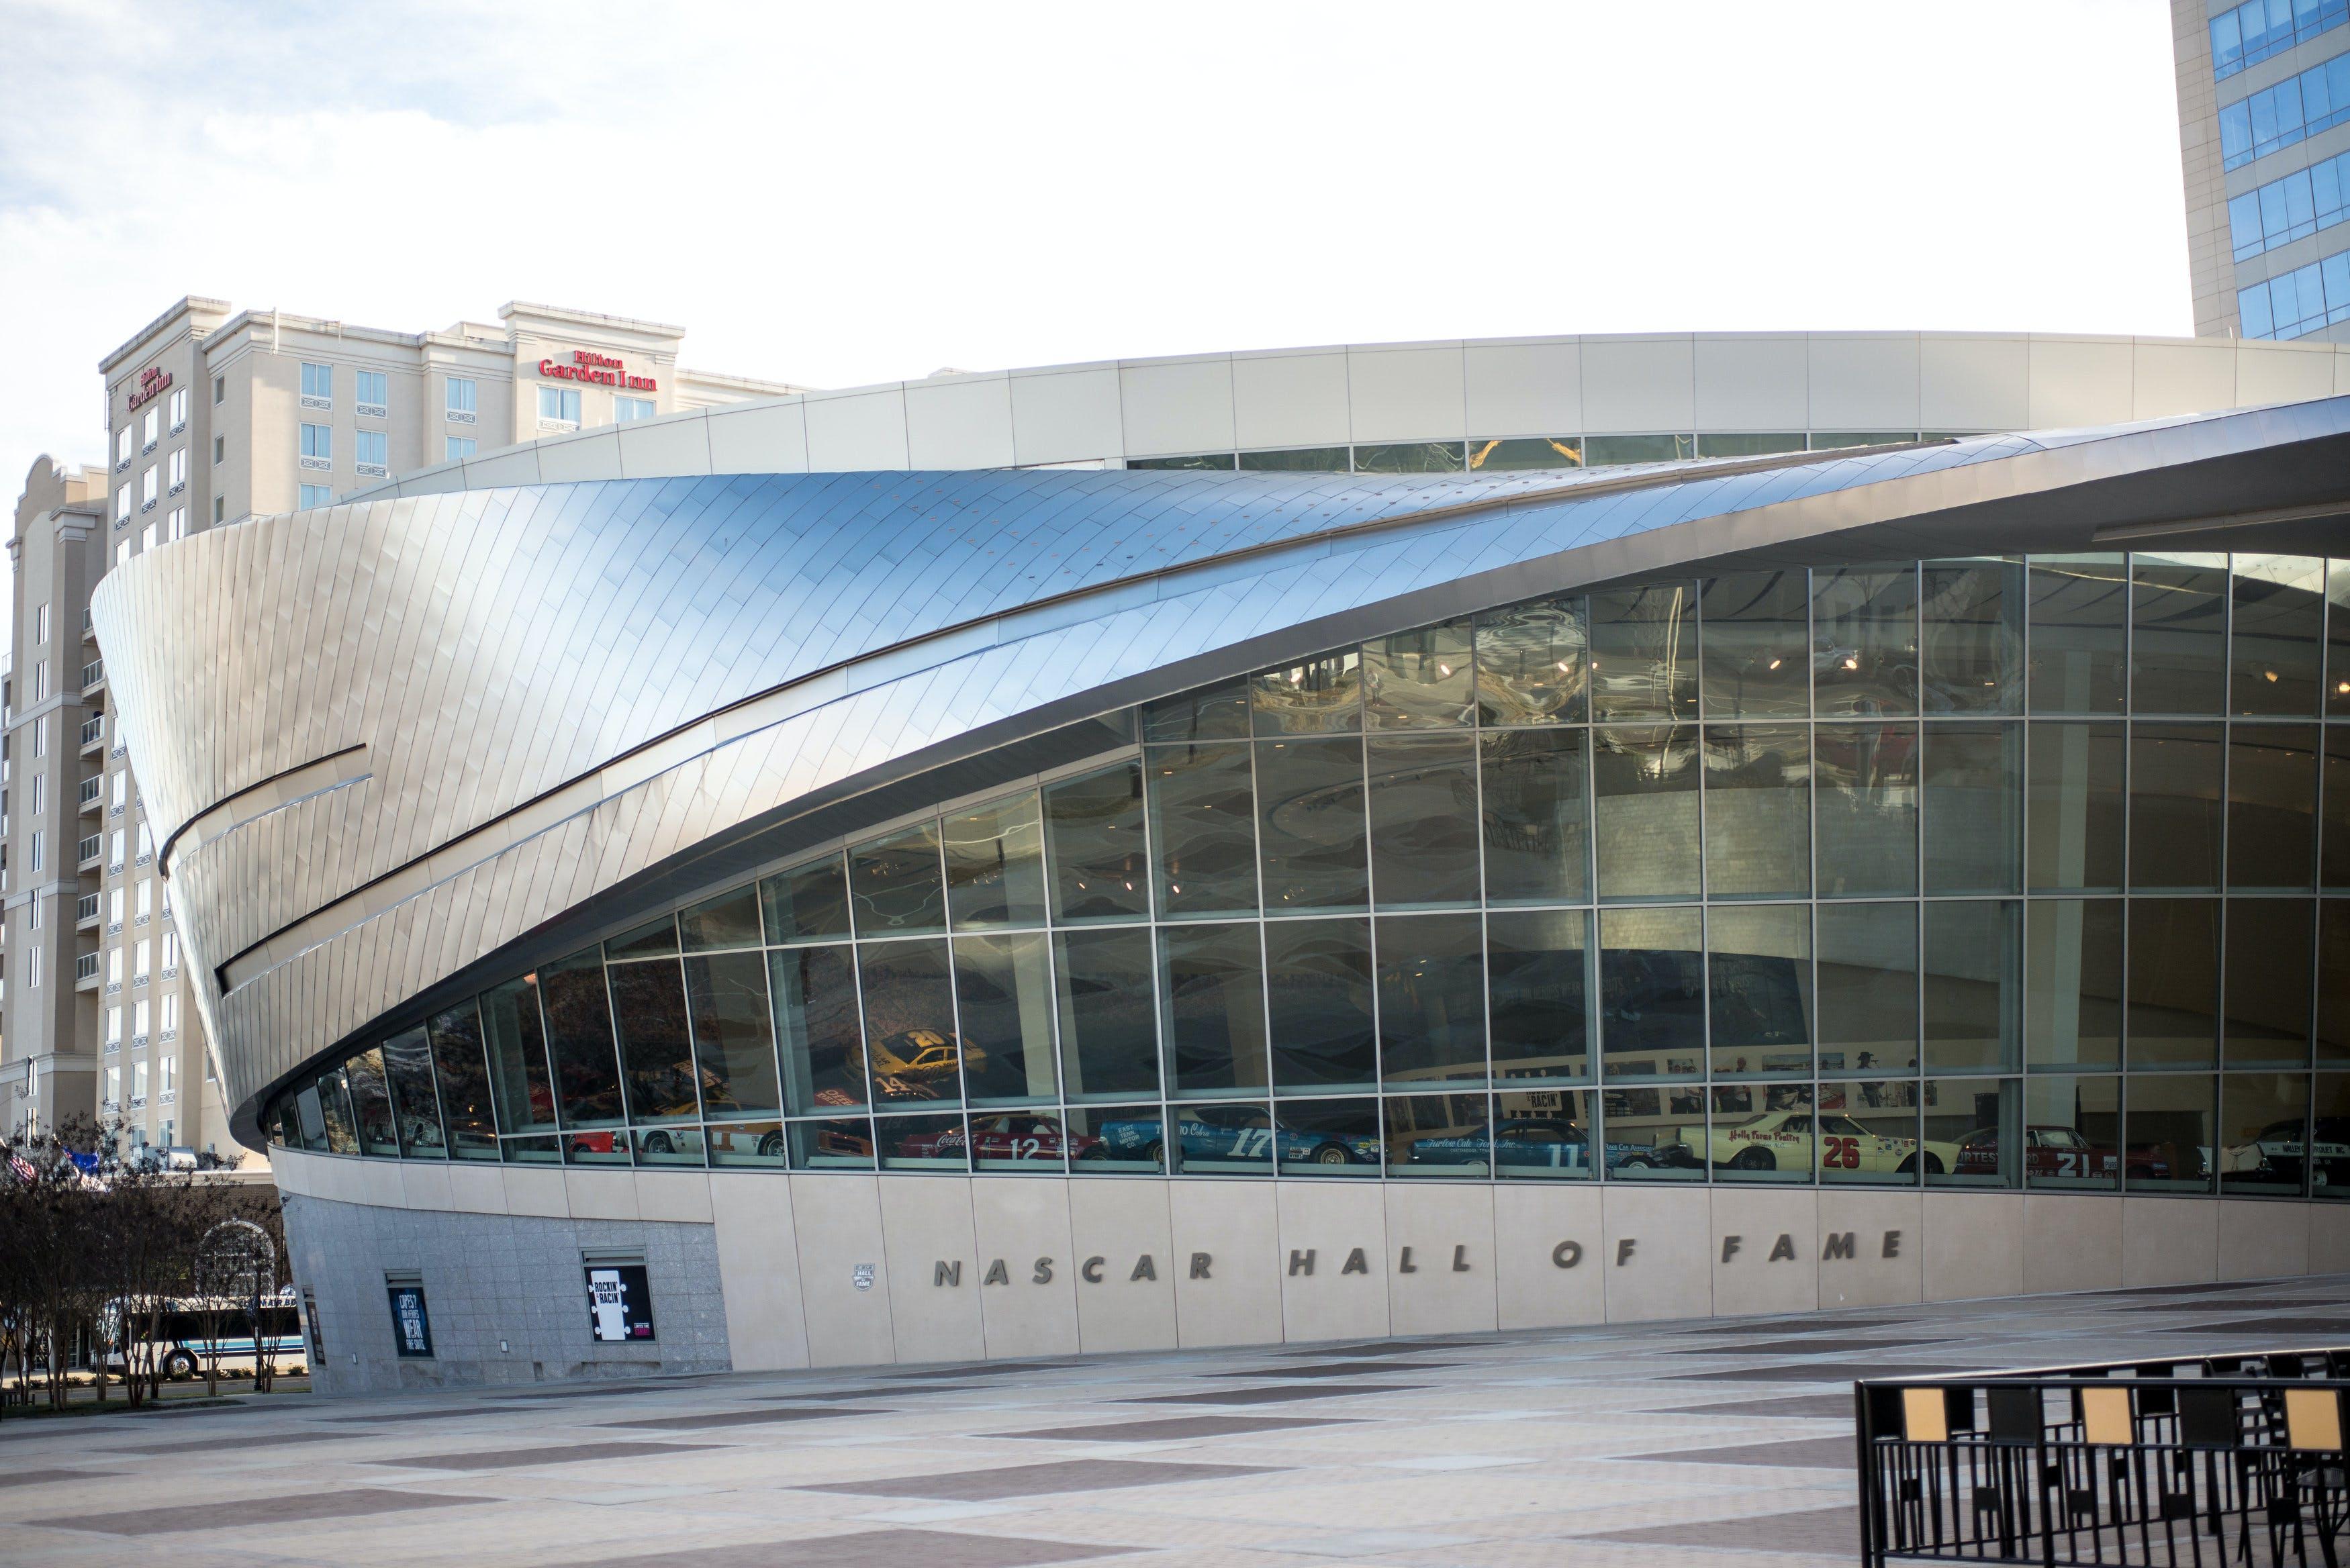 Nascar Hall of Fame Building